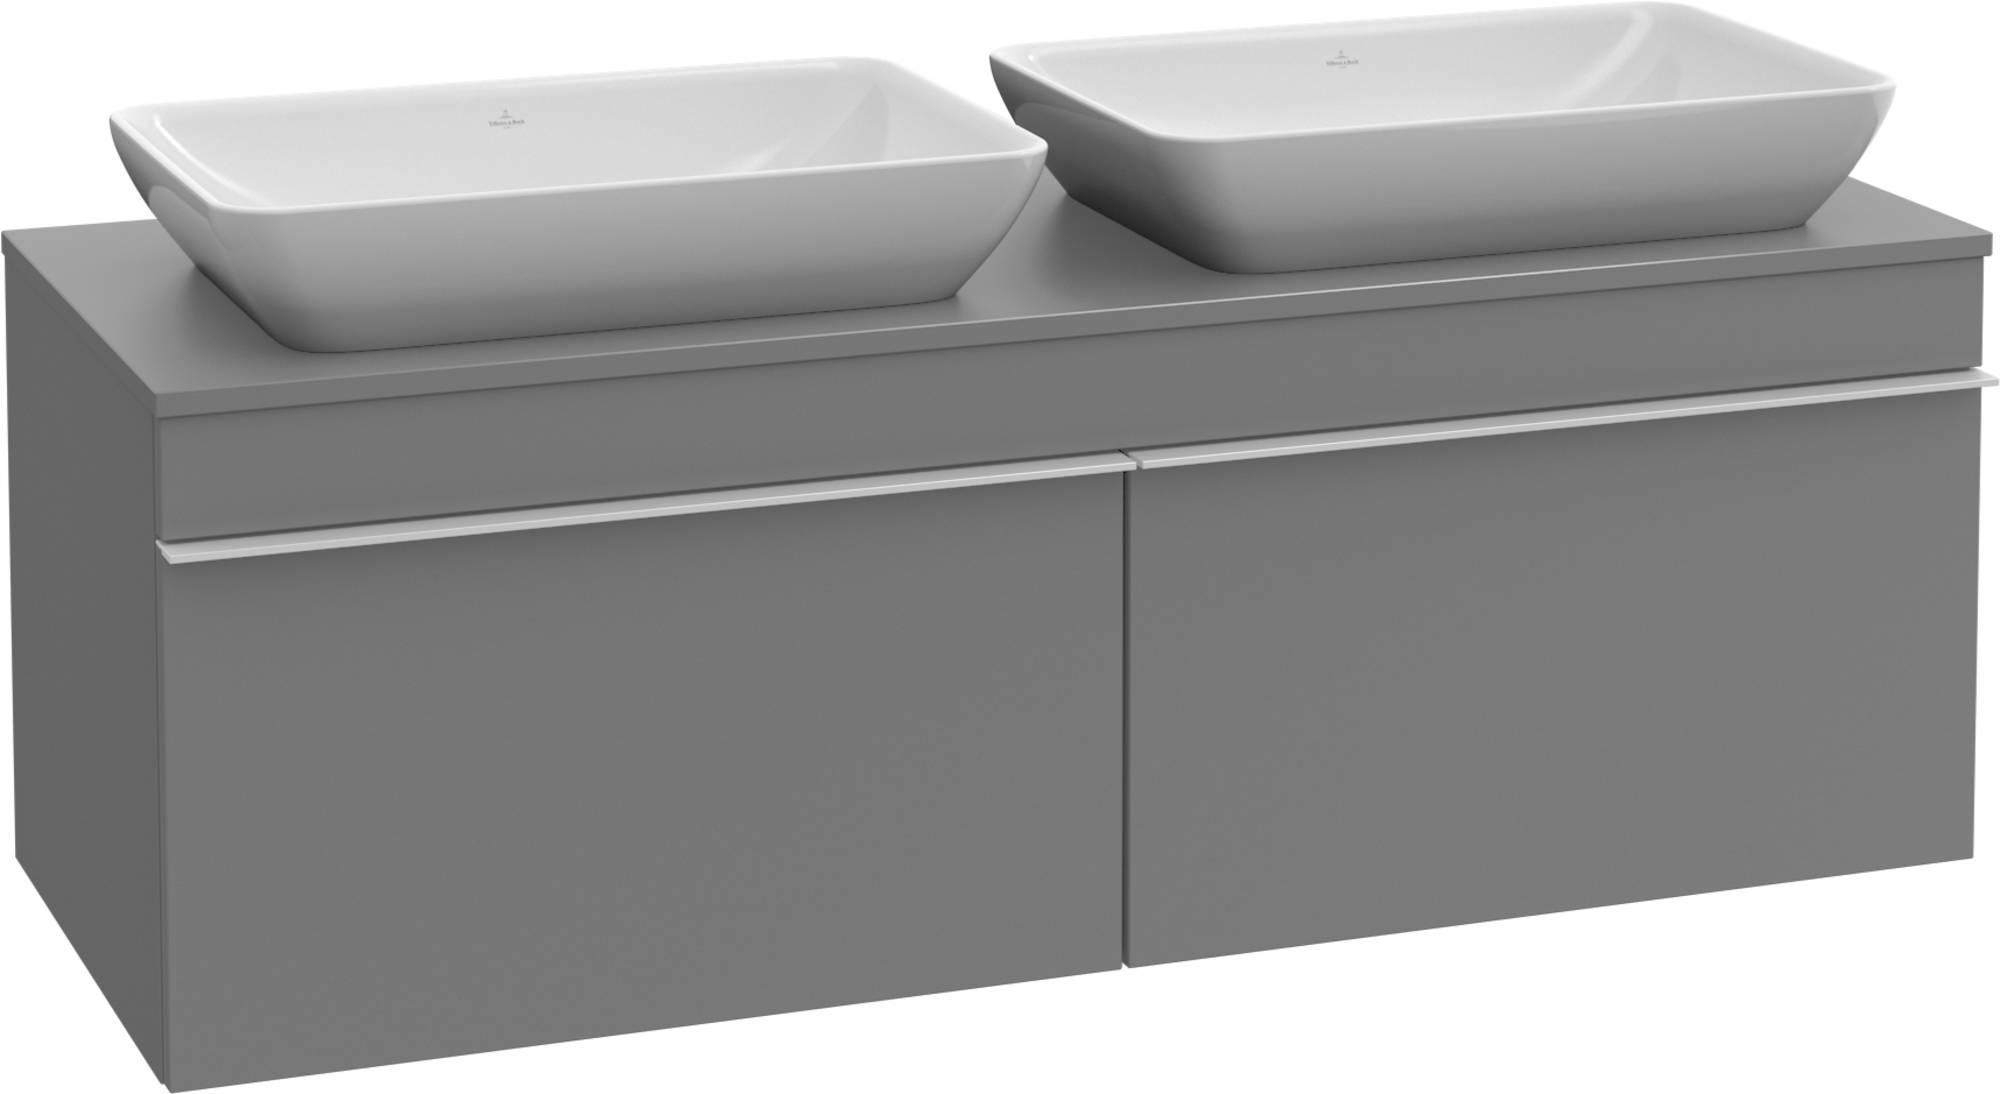 Villeroy&Boch Venticello Wastafelonderkast 125,7x50,2x43,6  cm Eiken Grafiet